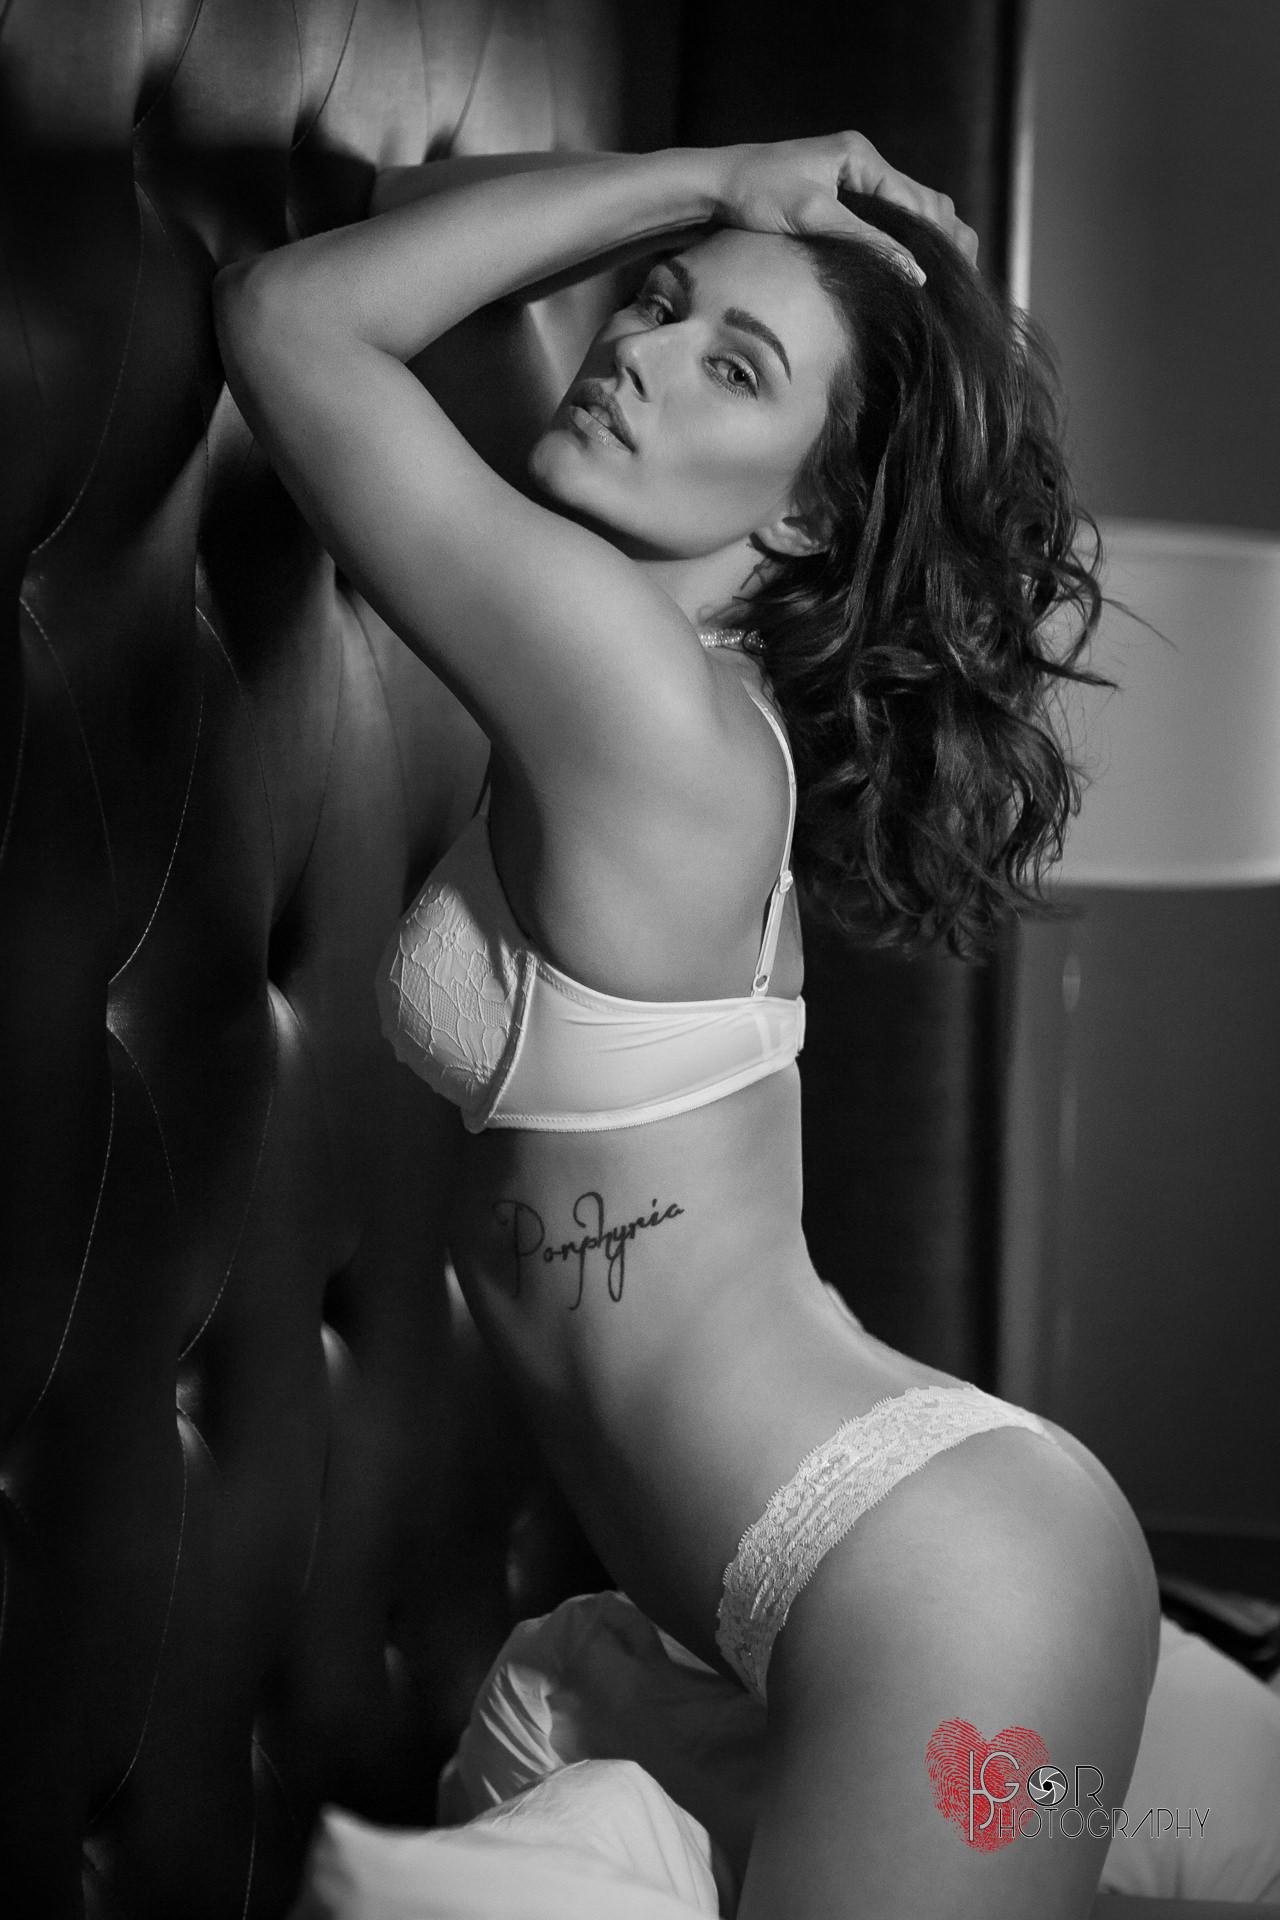 New-Orleans-boudoir-Rachel-02850.jpg